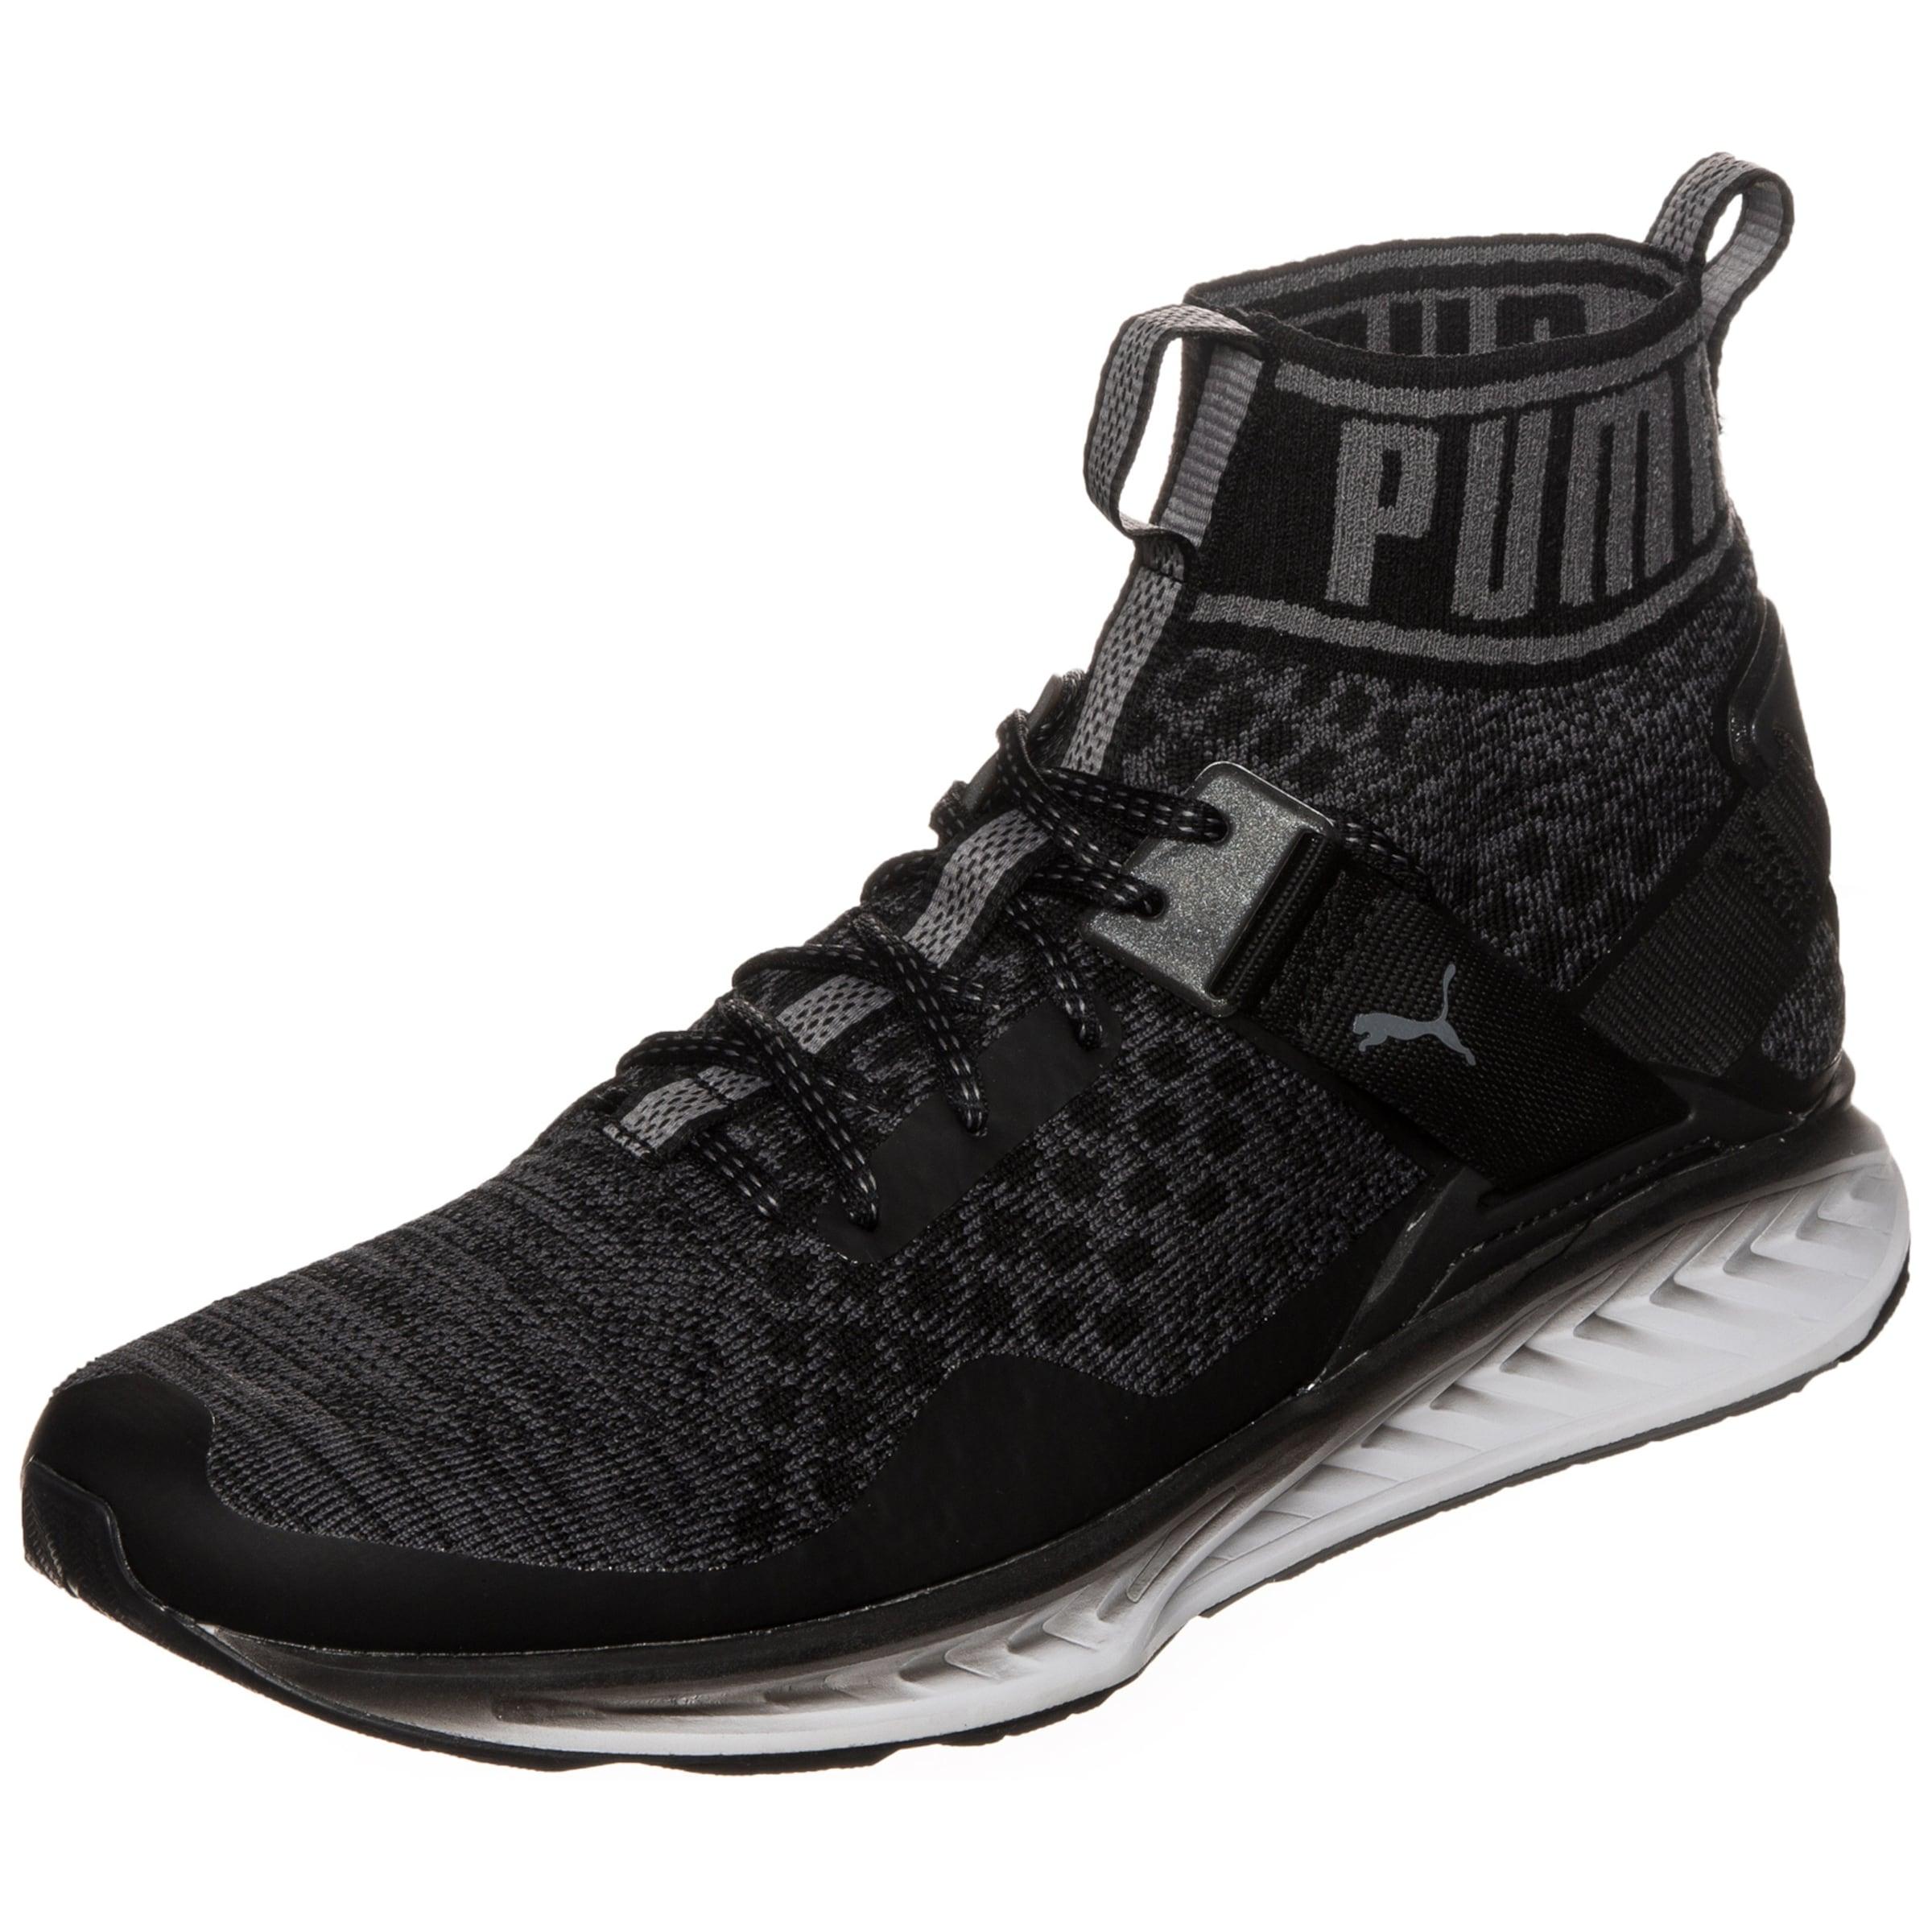 100% Original Spielraum Mode-Stil PUMA Sneaker 'Ignite evoKNIT Fade' Verkauf In Mode Neue Preiswerte Online vHV6Tq